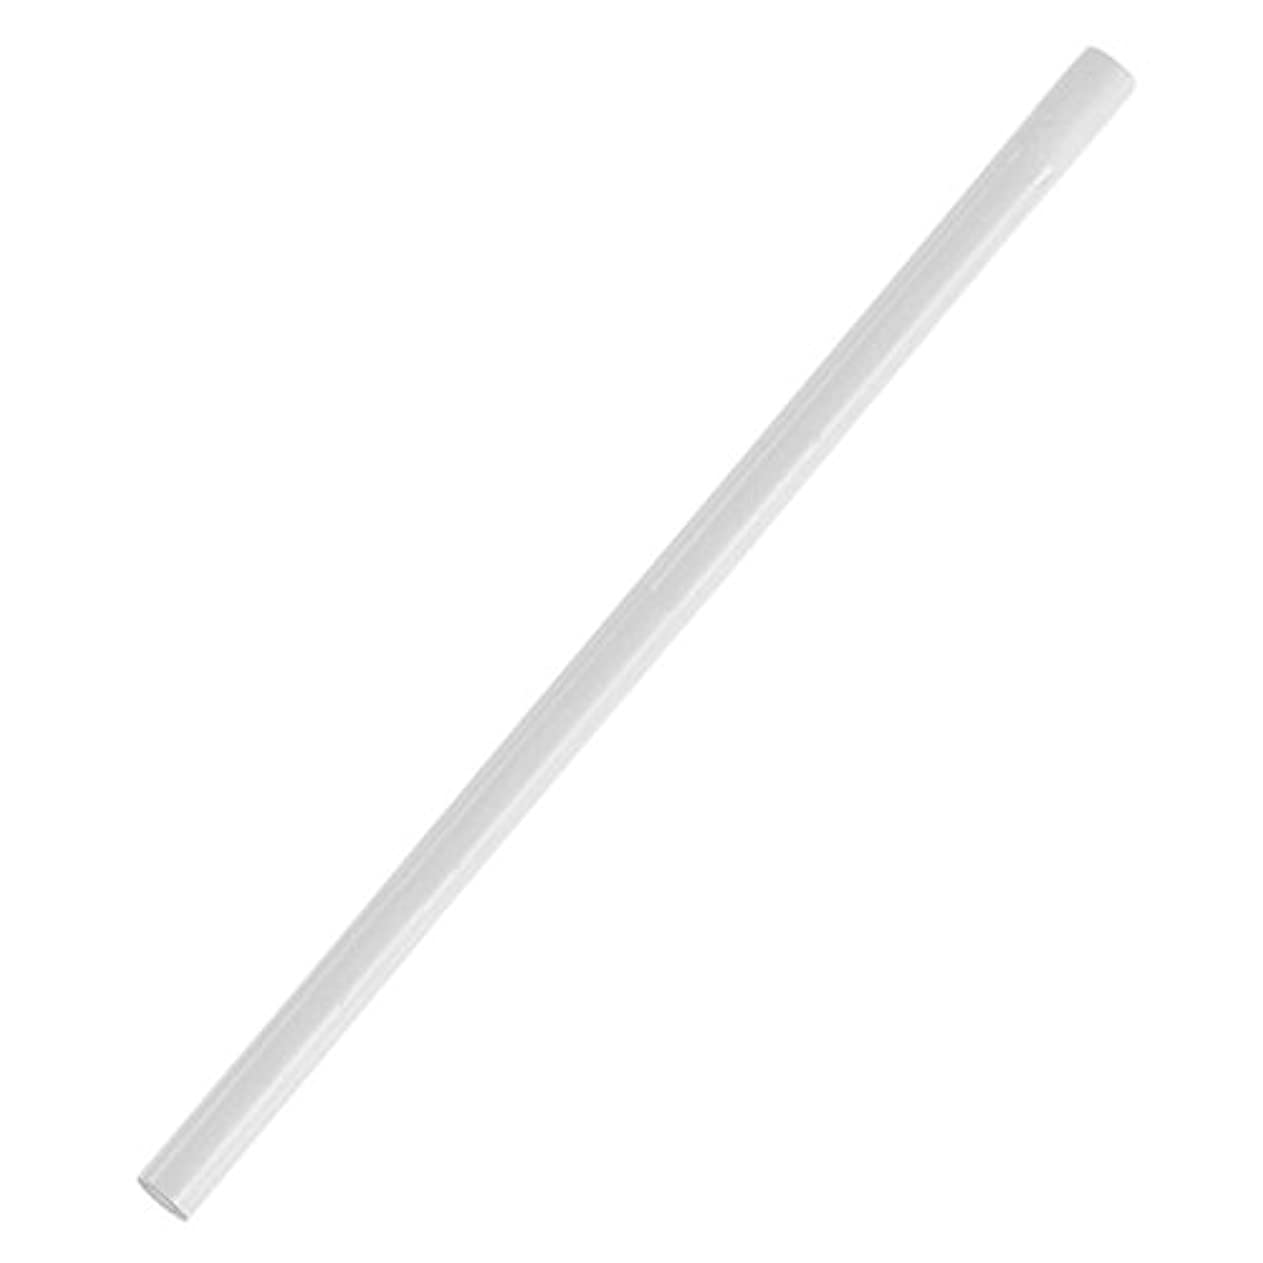 代表団すずめ早いVaorwne 10x白いドット打ち鉛筆 ネイルアートラインストーン宝石3Dデザインのため 画家デコレーション ピッキングツール